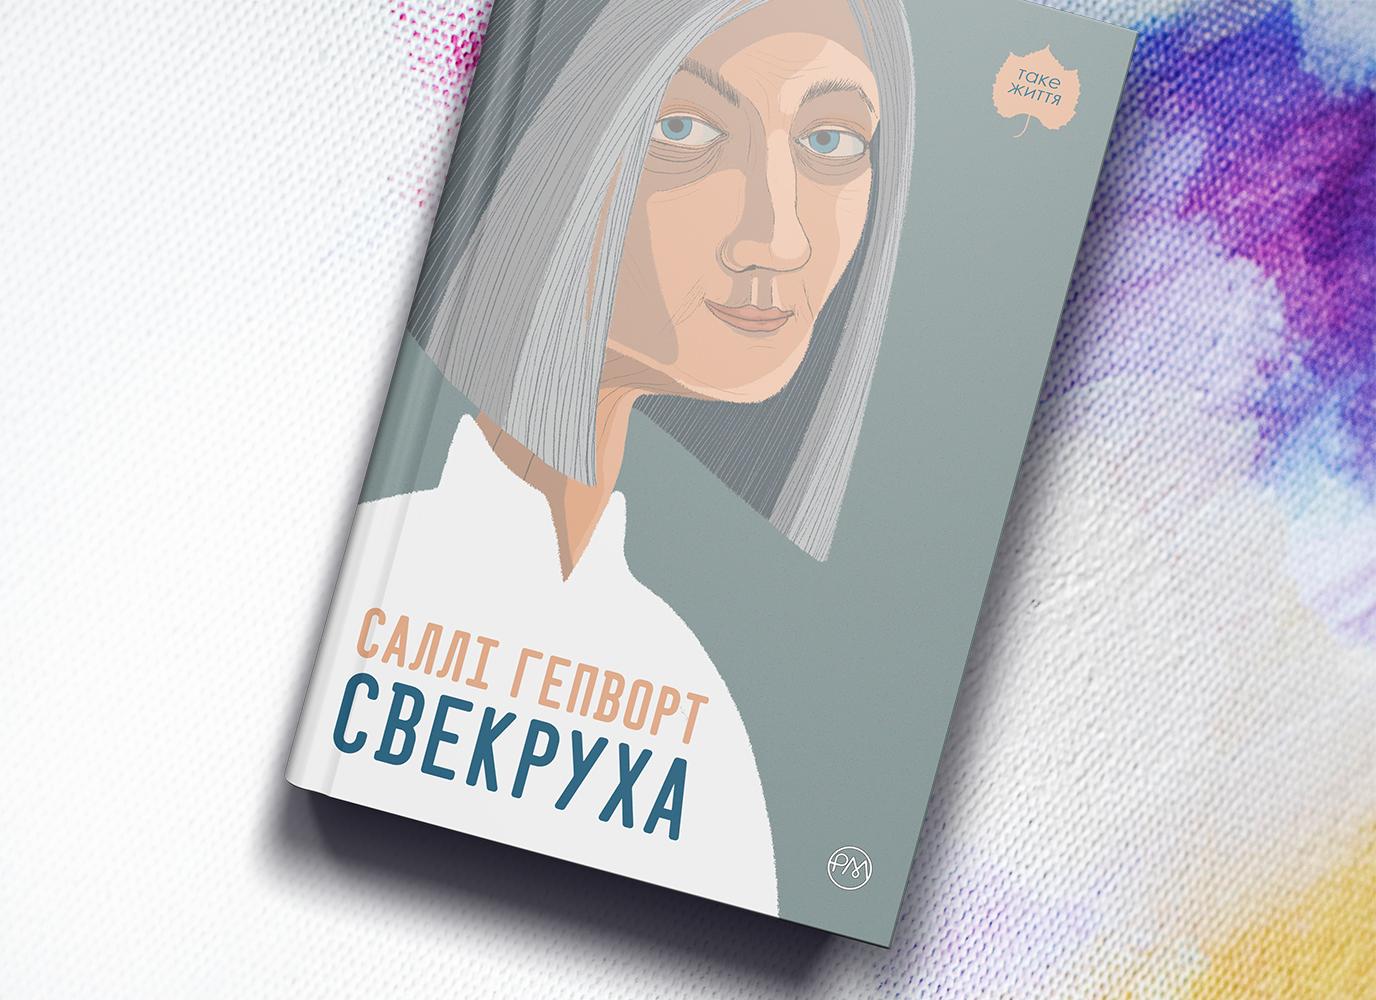 Рецензія на книжку «Свекруха» Саллі Гепворт